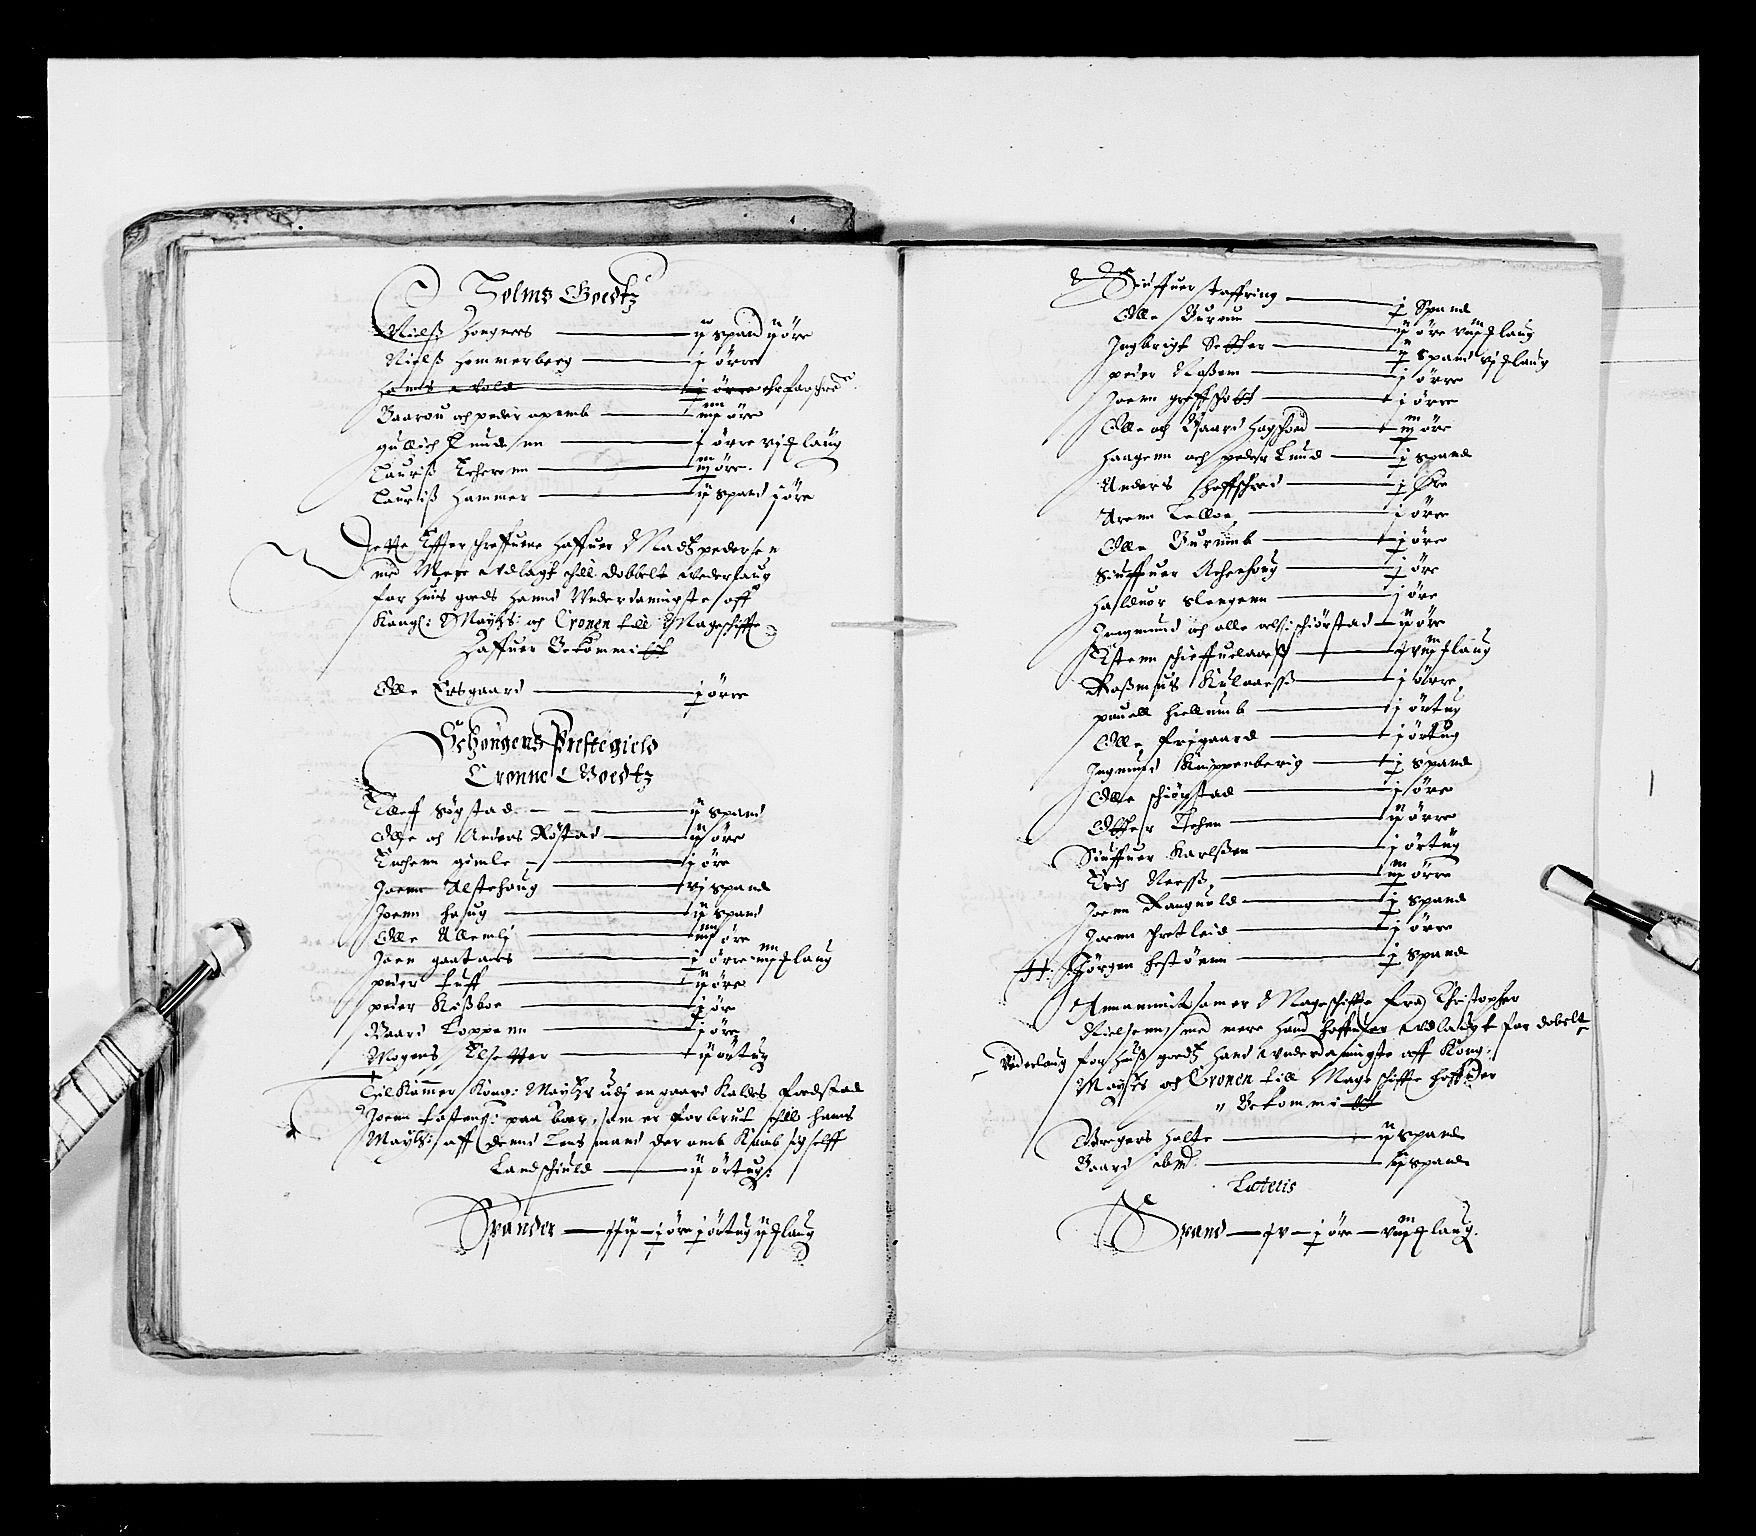 RA, Stattholderembetet 1572-1771, Ek/L0028: Jordebøker 1633-1658:, 1645-1646, s. 152